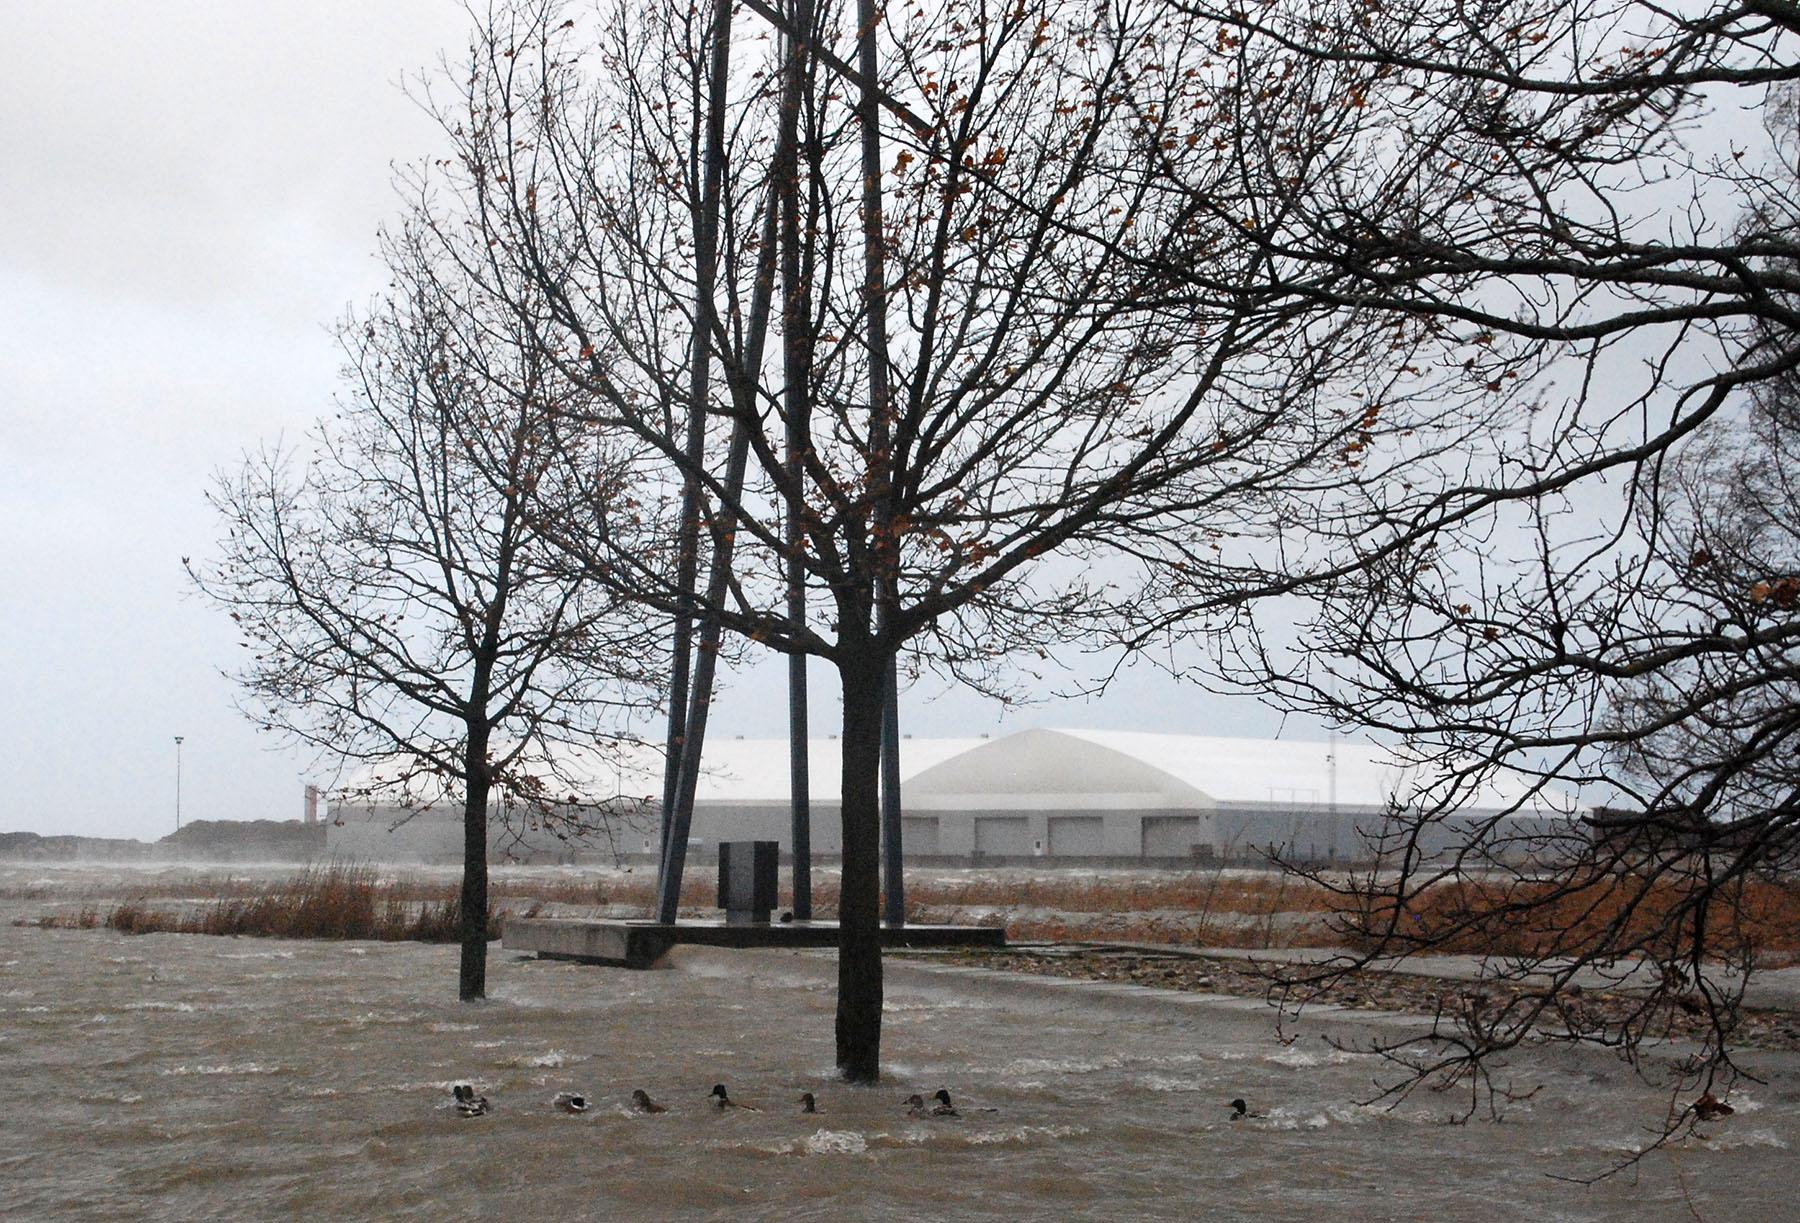 Estonia katastroofi ohvrite mälestusmärk Pärnus 2013. aasta 29. oktoobri tormisel päeval. Foto Urmas Saard